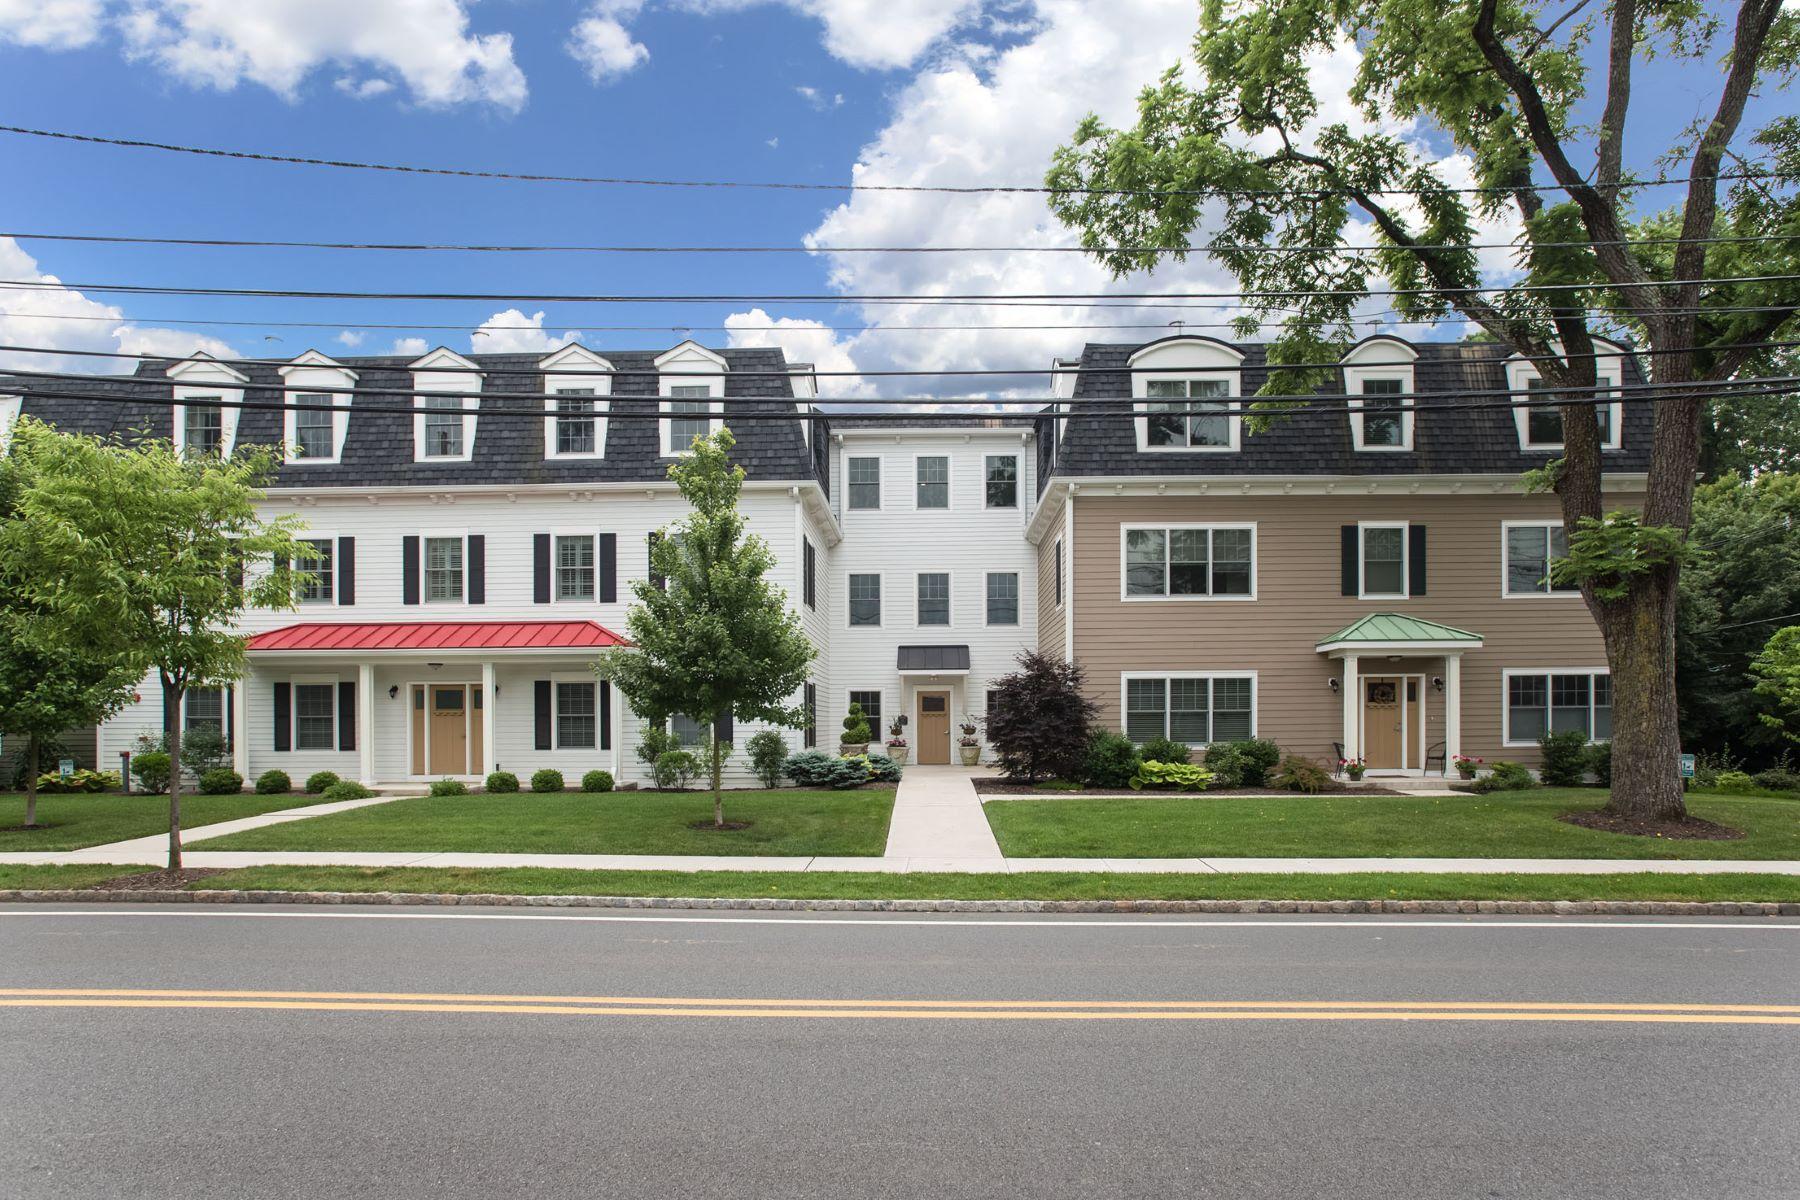 多棟聯建住宅 為 出售 在 Spacious luxury single floor condominium 25 Ridgedale Avenue, Unit 16 Madison, 新澤西州, 07940 美國